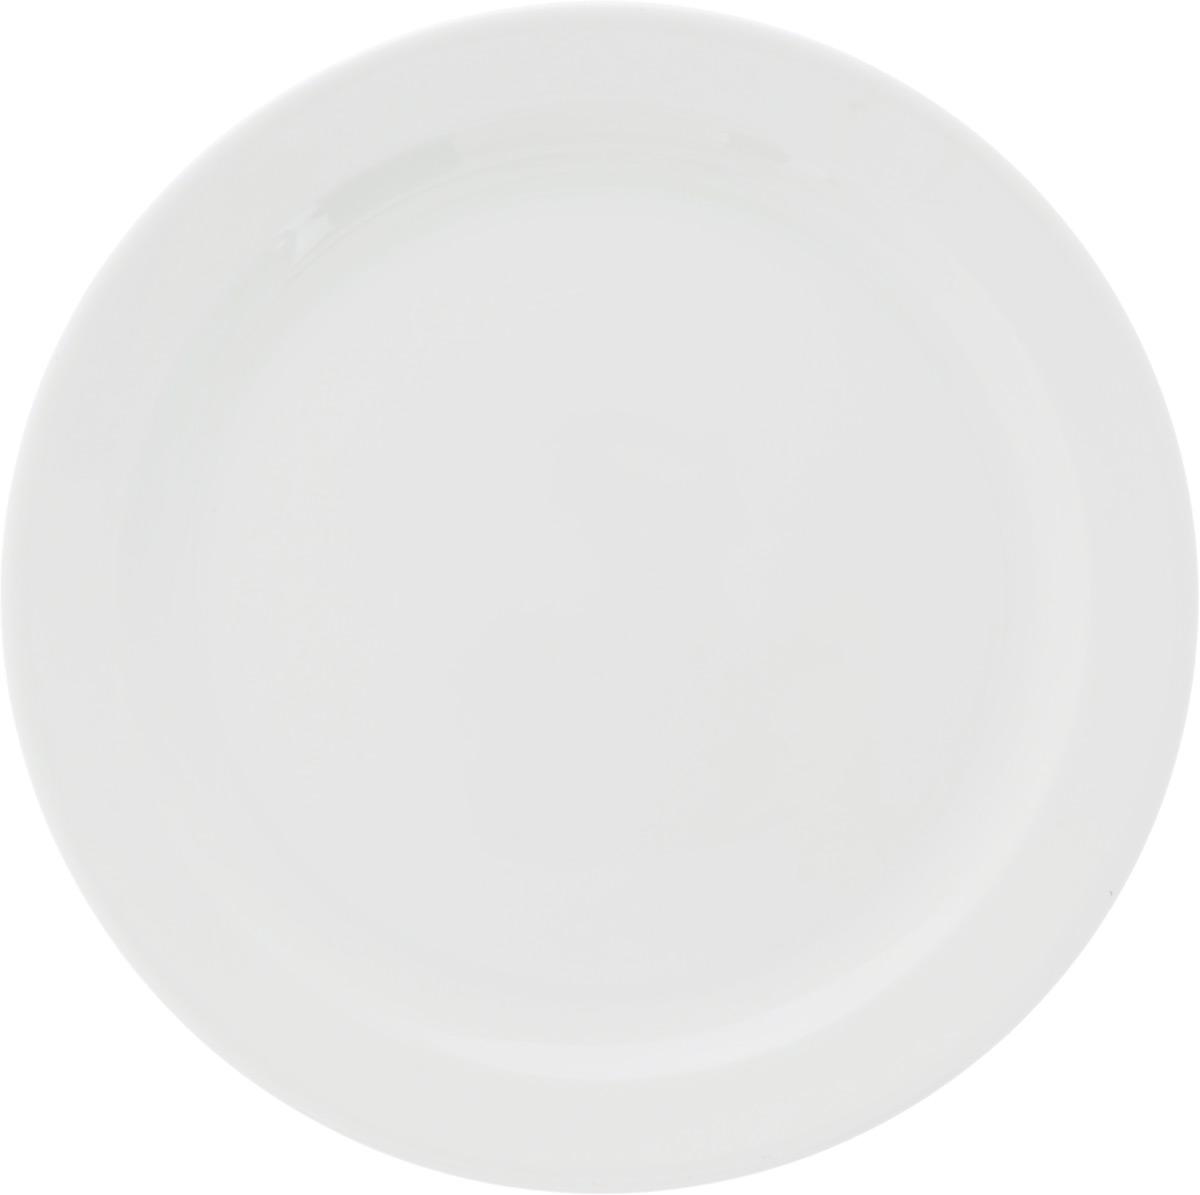 Тарелка мелкая Ariane Прайм, диаметр 24 см115510Мелкая тарелка Ariane Прайм, изготовленная из высококачественного фарфора, имеет изысканный внешний вид. Такая тарелка прекрасно подходит как для торжественных случаев, так и для повседневного использования. Идеальна для подачи десертов, пирожных, тортов и многого другого. Она прекрасно оформит стол и станет отличным дополнением к вашей коллекции кухонной посуды.Можно использовать в посудомоечной машине и СВЧ.Диаметр тарелки: 24 см.Высота тарелки: 2 см.